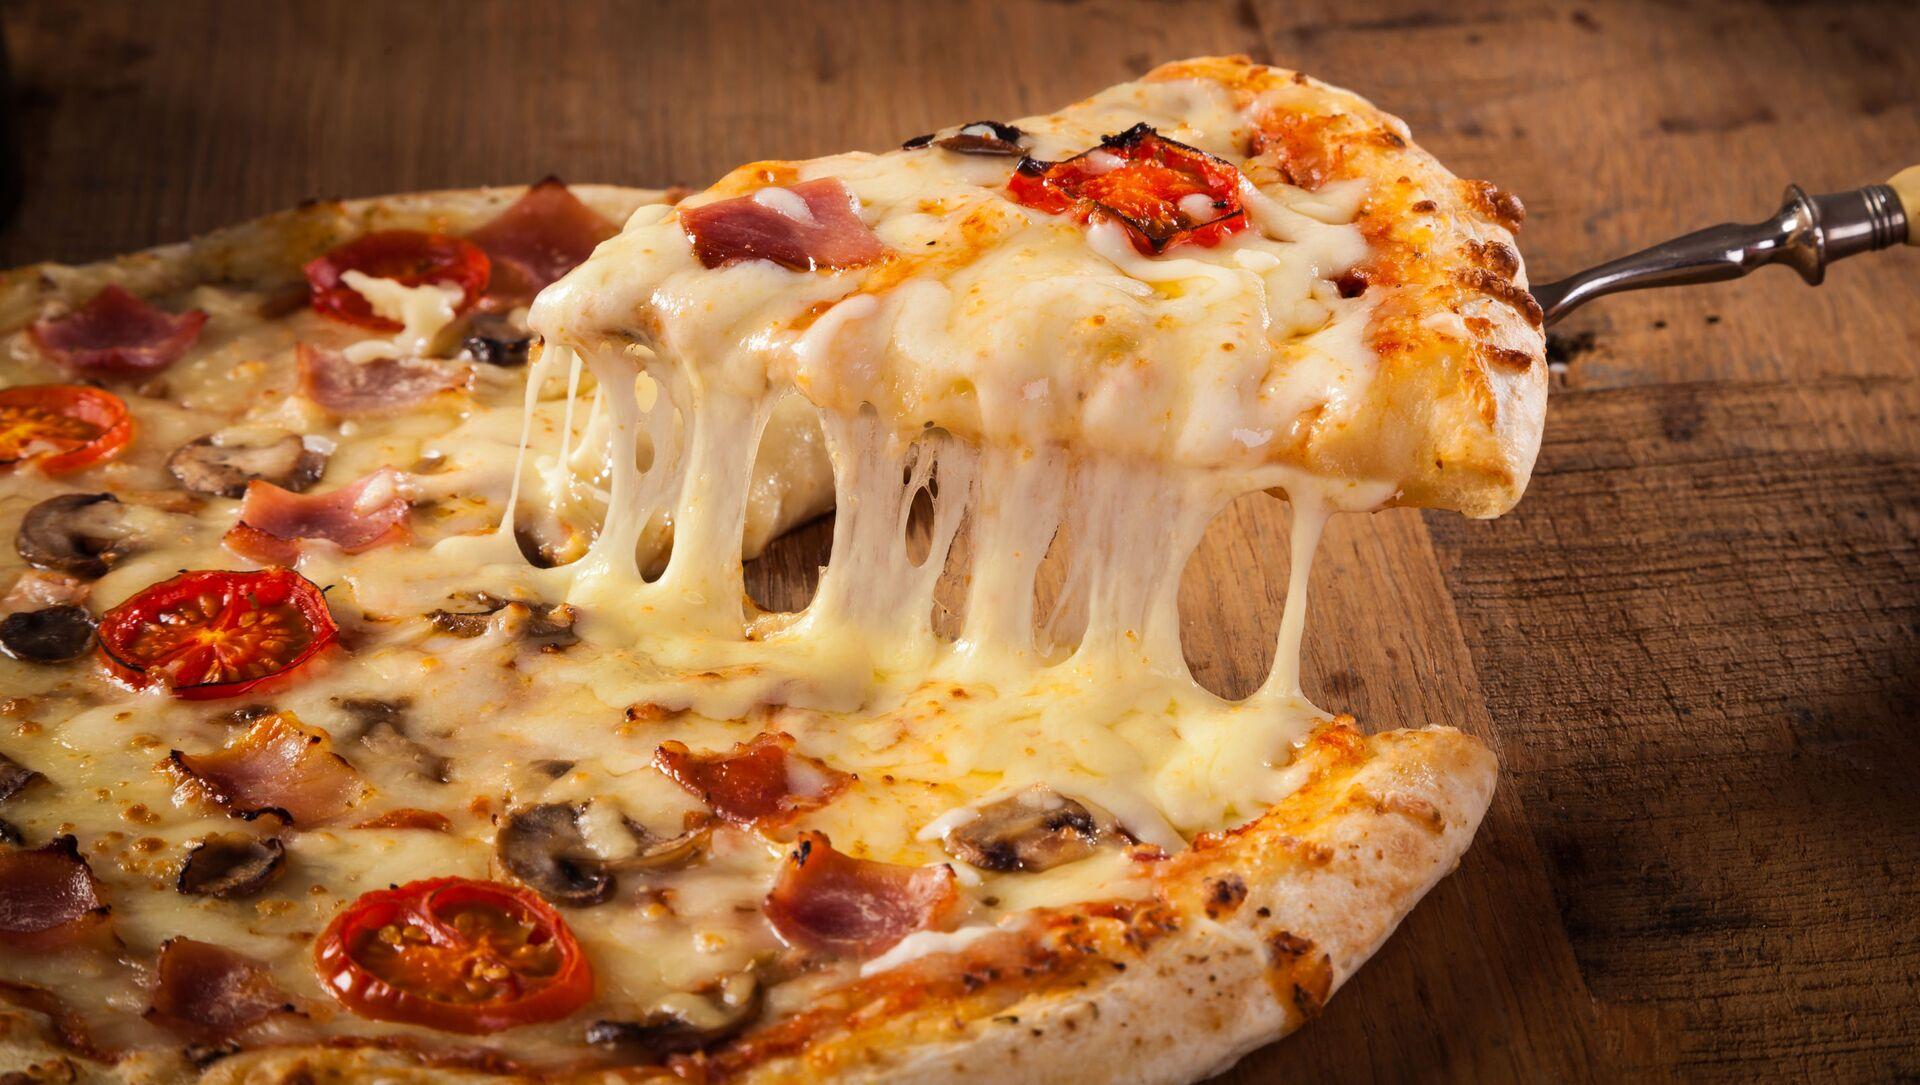 Горячая пицца на деревянном столе  - Sputnik Italia, 1920, 11.02.2021